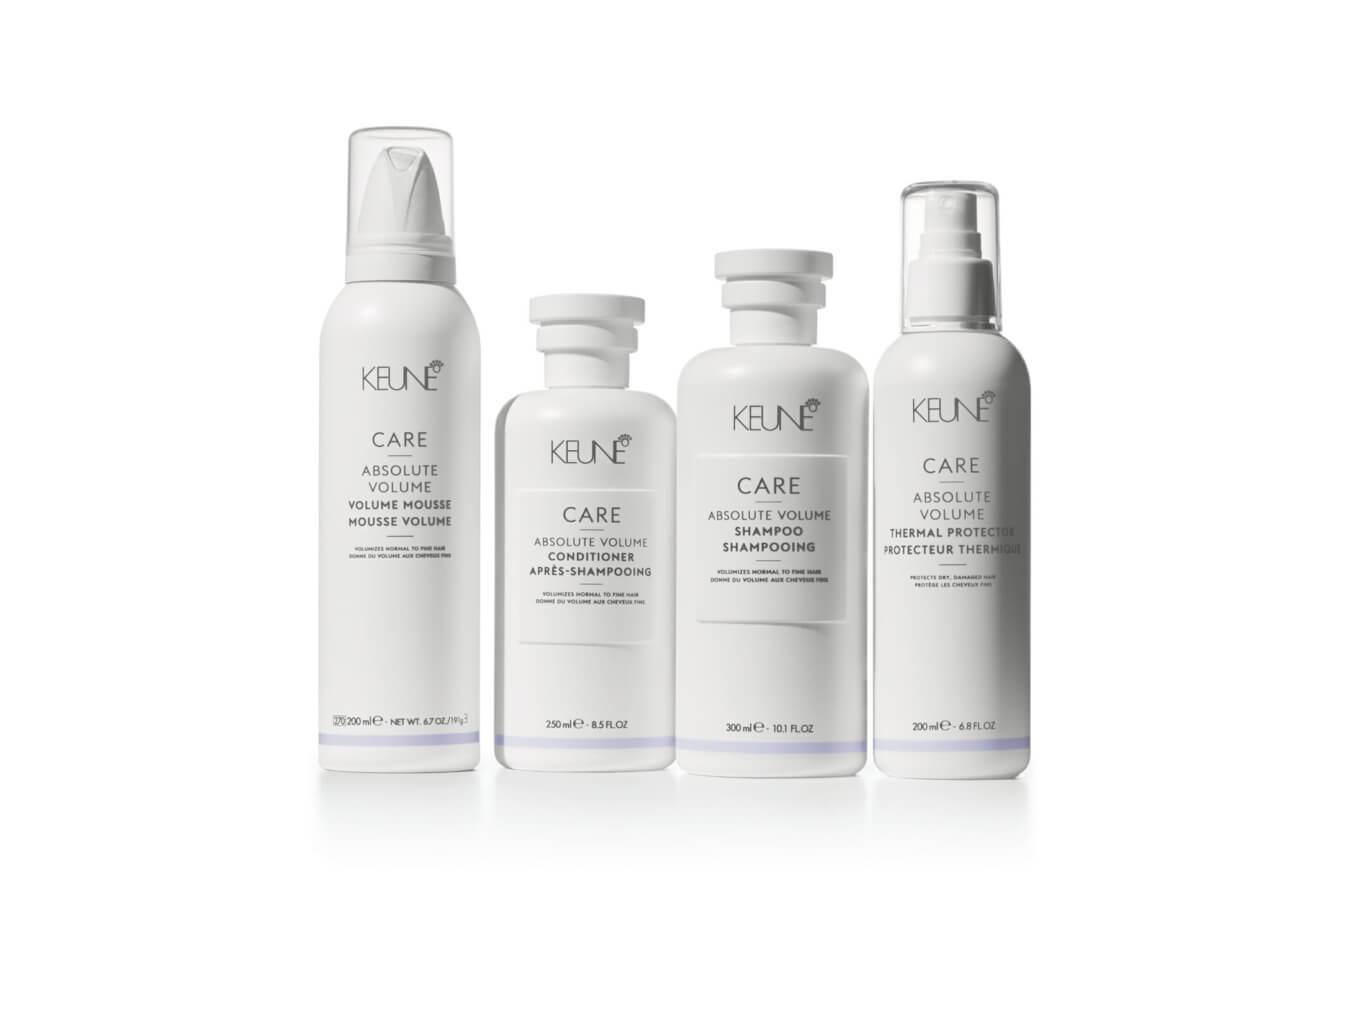 Verwenden Sie Keune Care Absolute Volume und Sie erhalten mehr Volumen in Ihrem Haar.